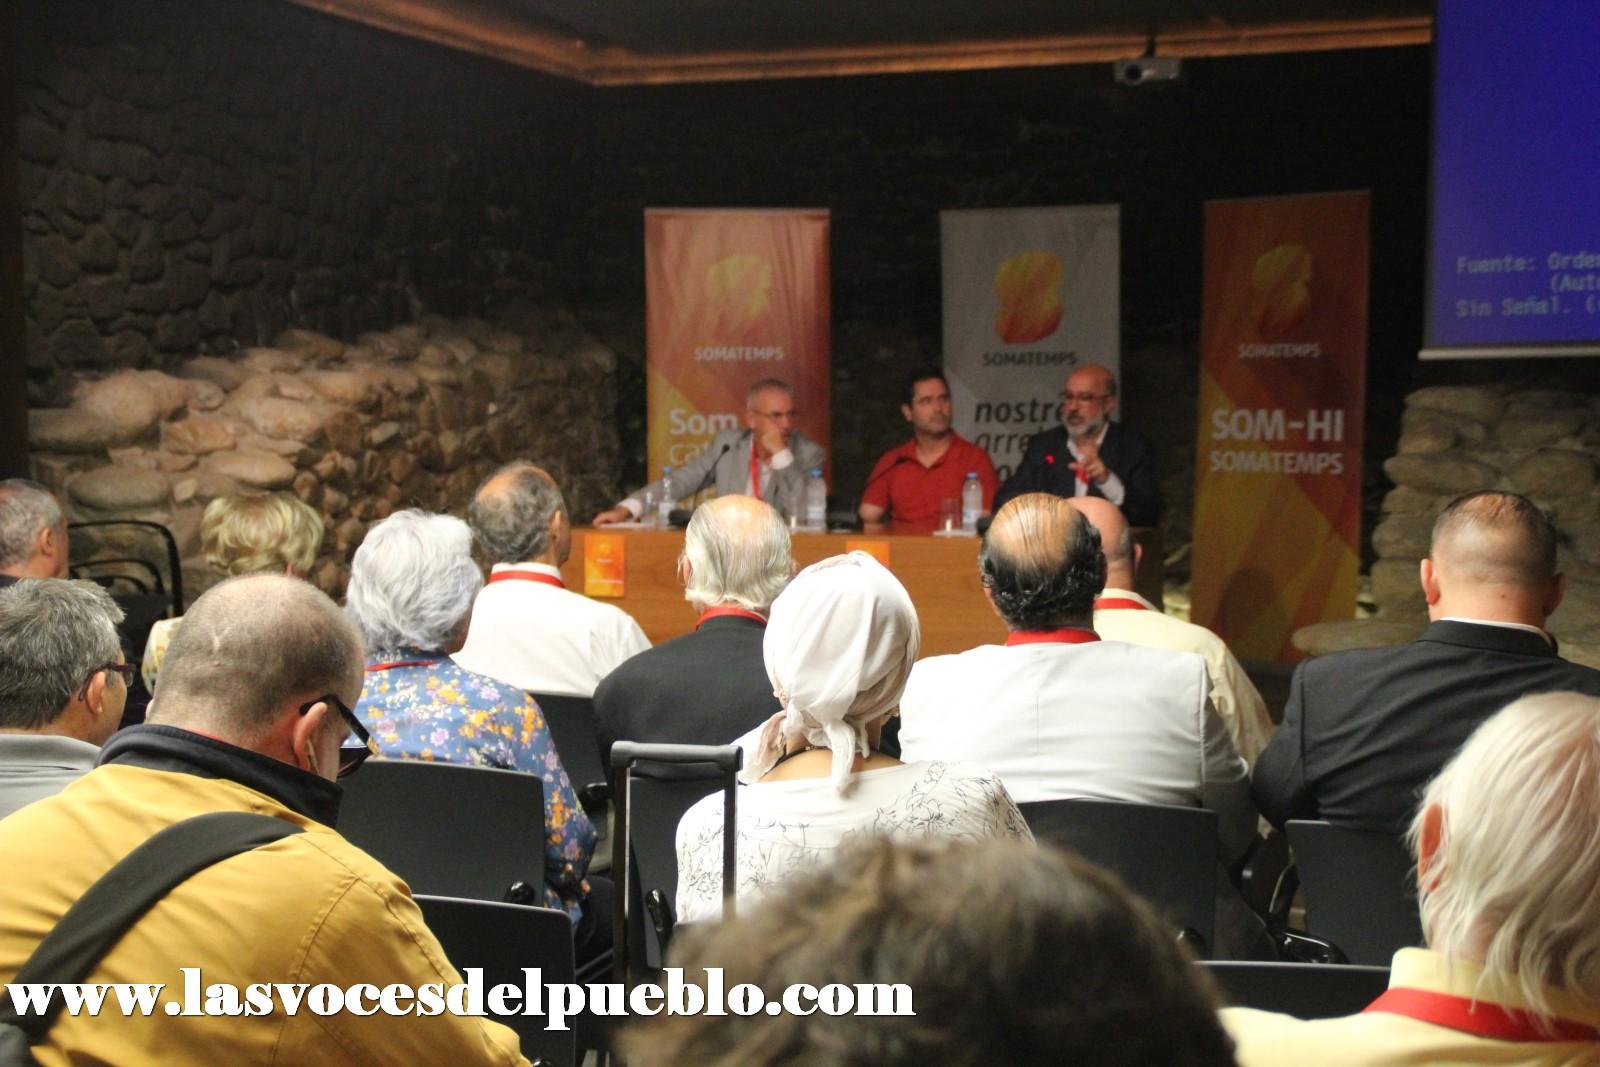 las voces del pueblo_I Congreso de Somatemps_Ripoll_Gerona (28)